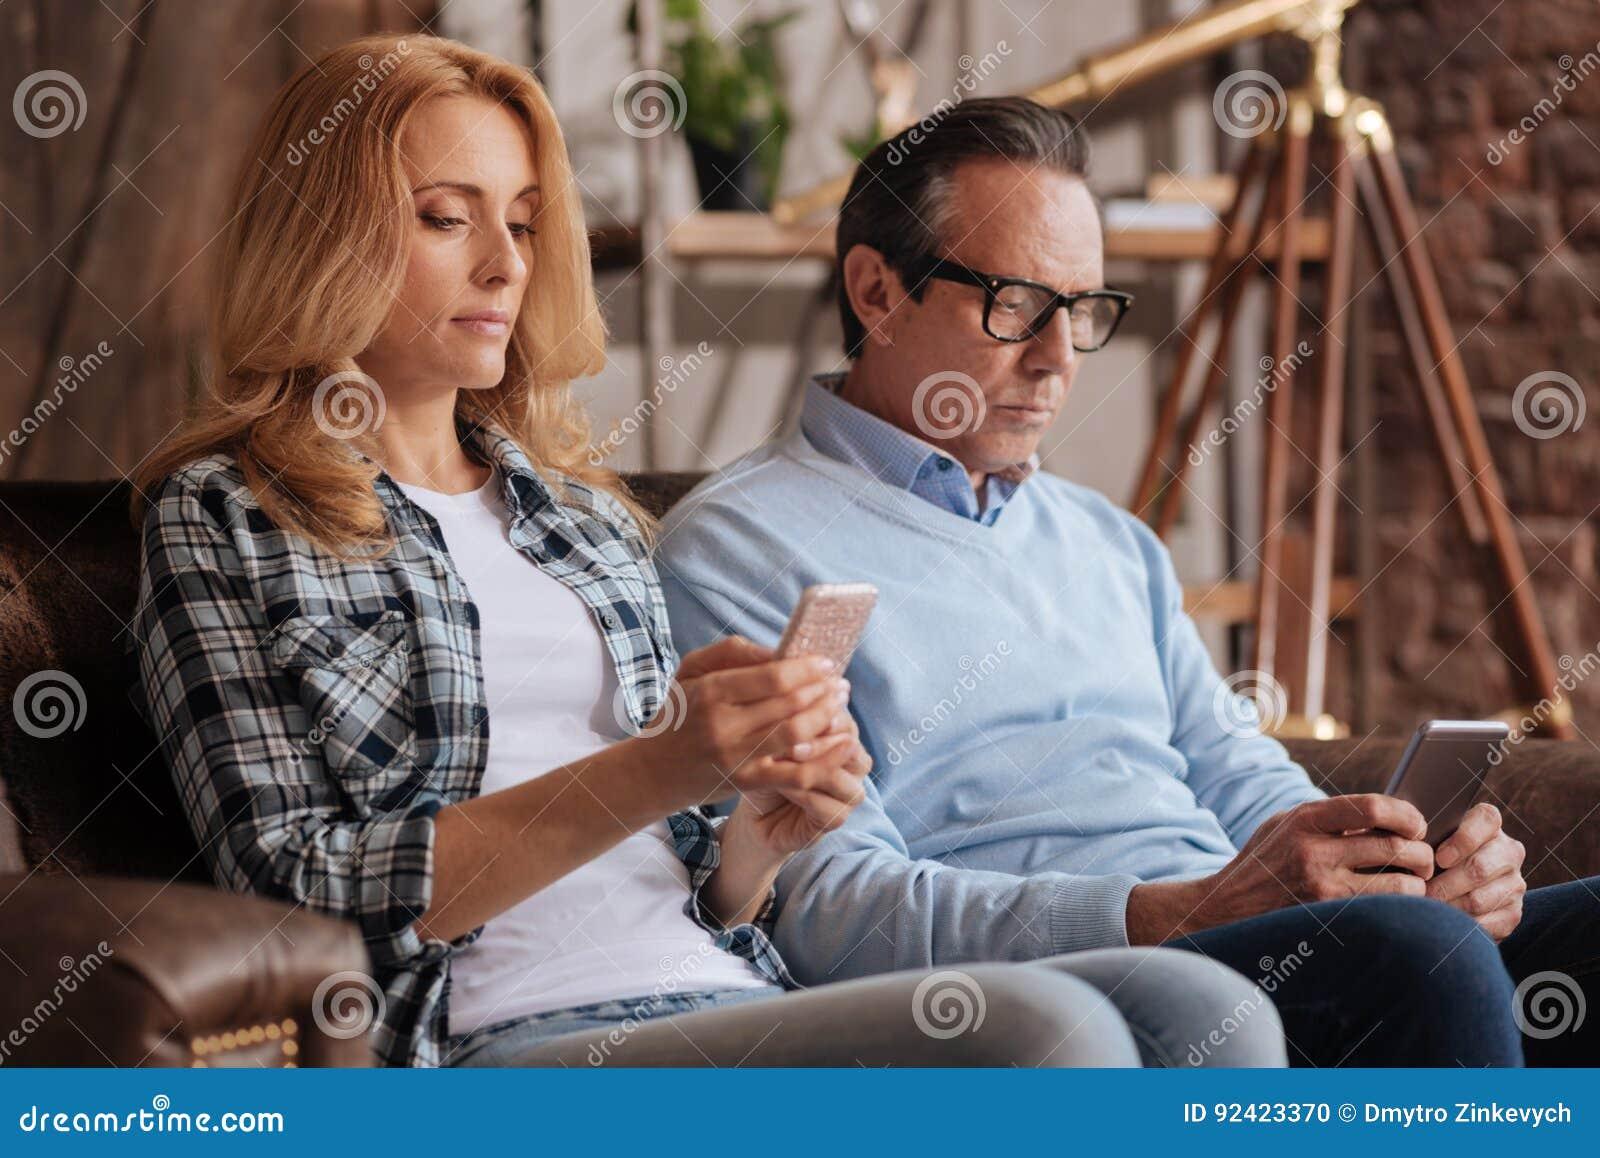 Pares ignorantes usando telefones celulares em casa